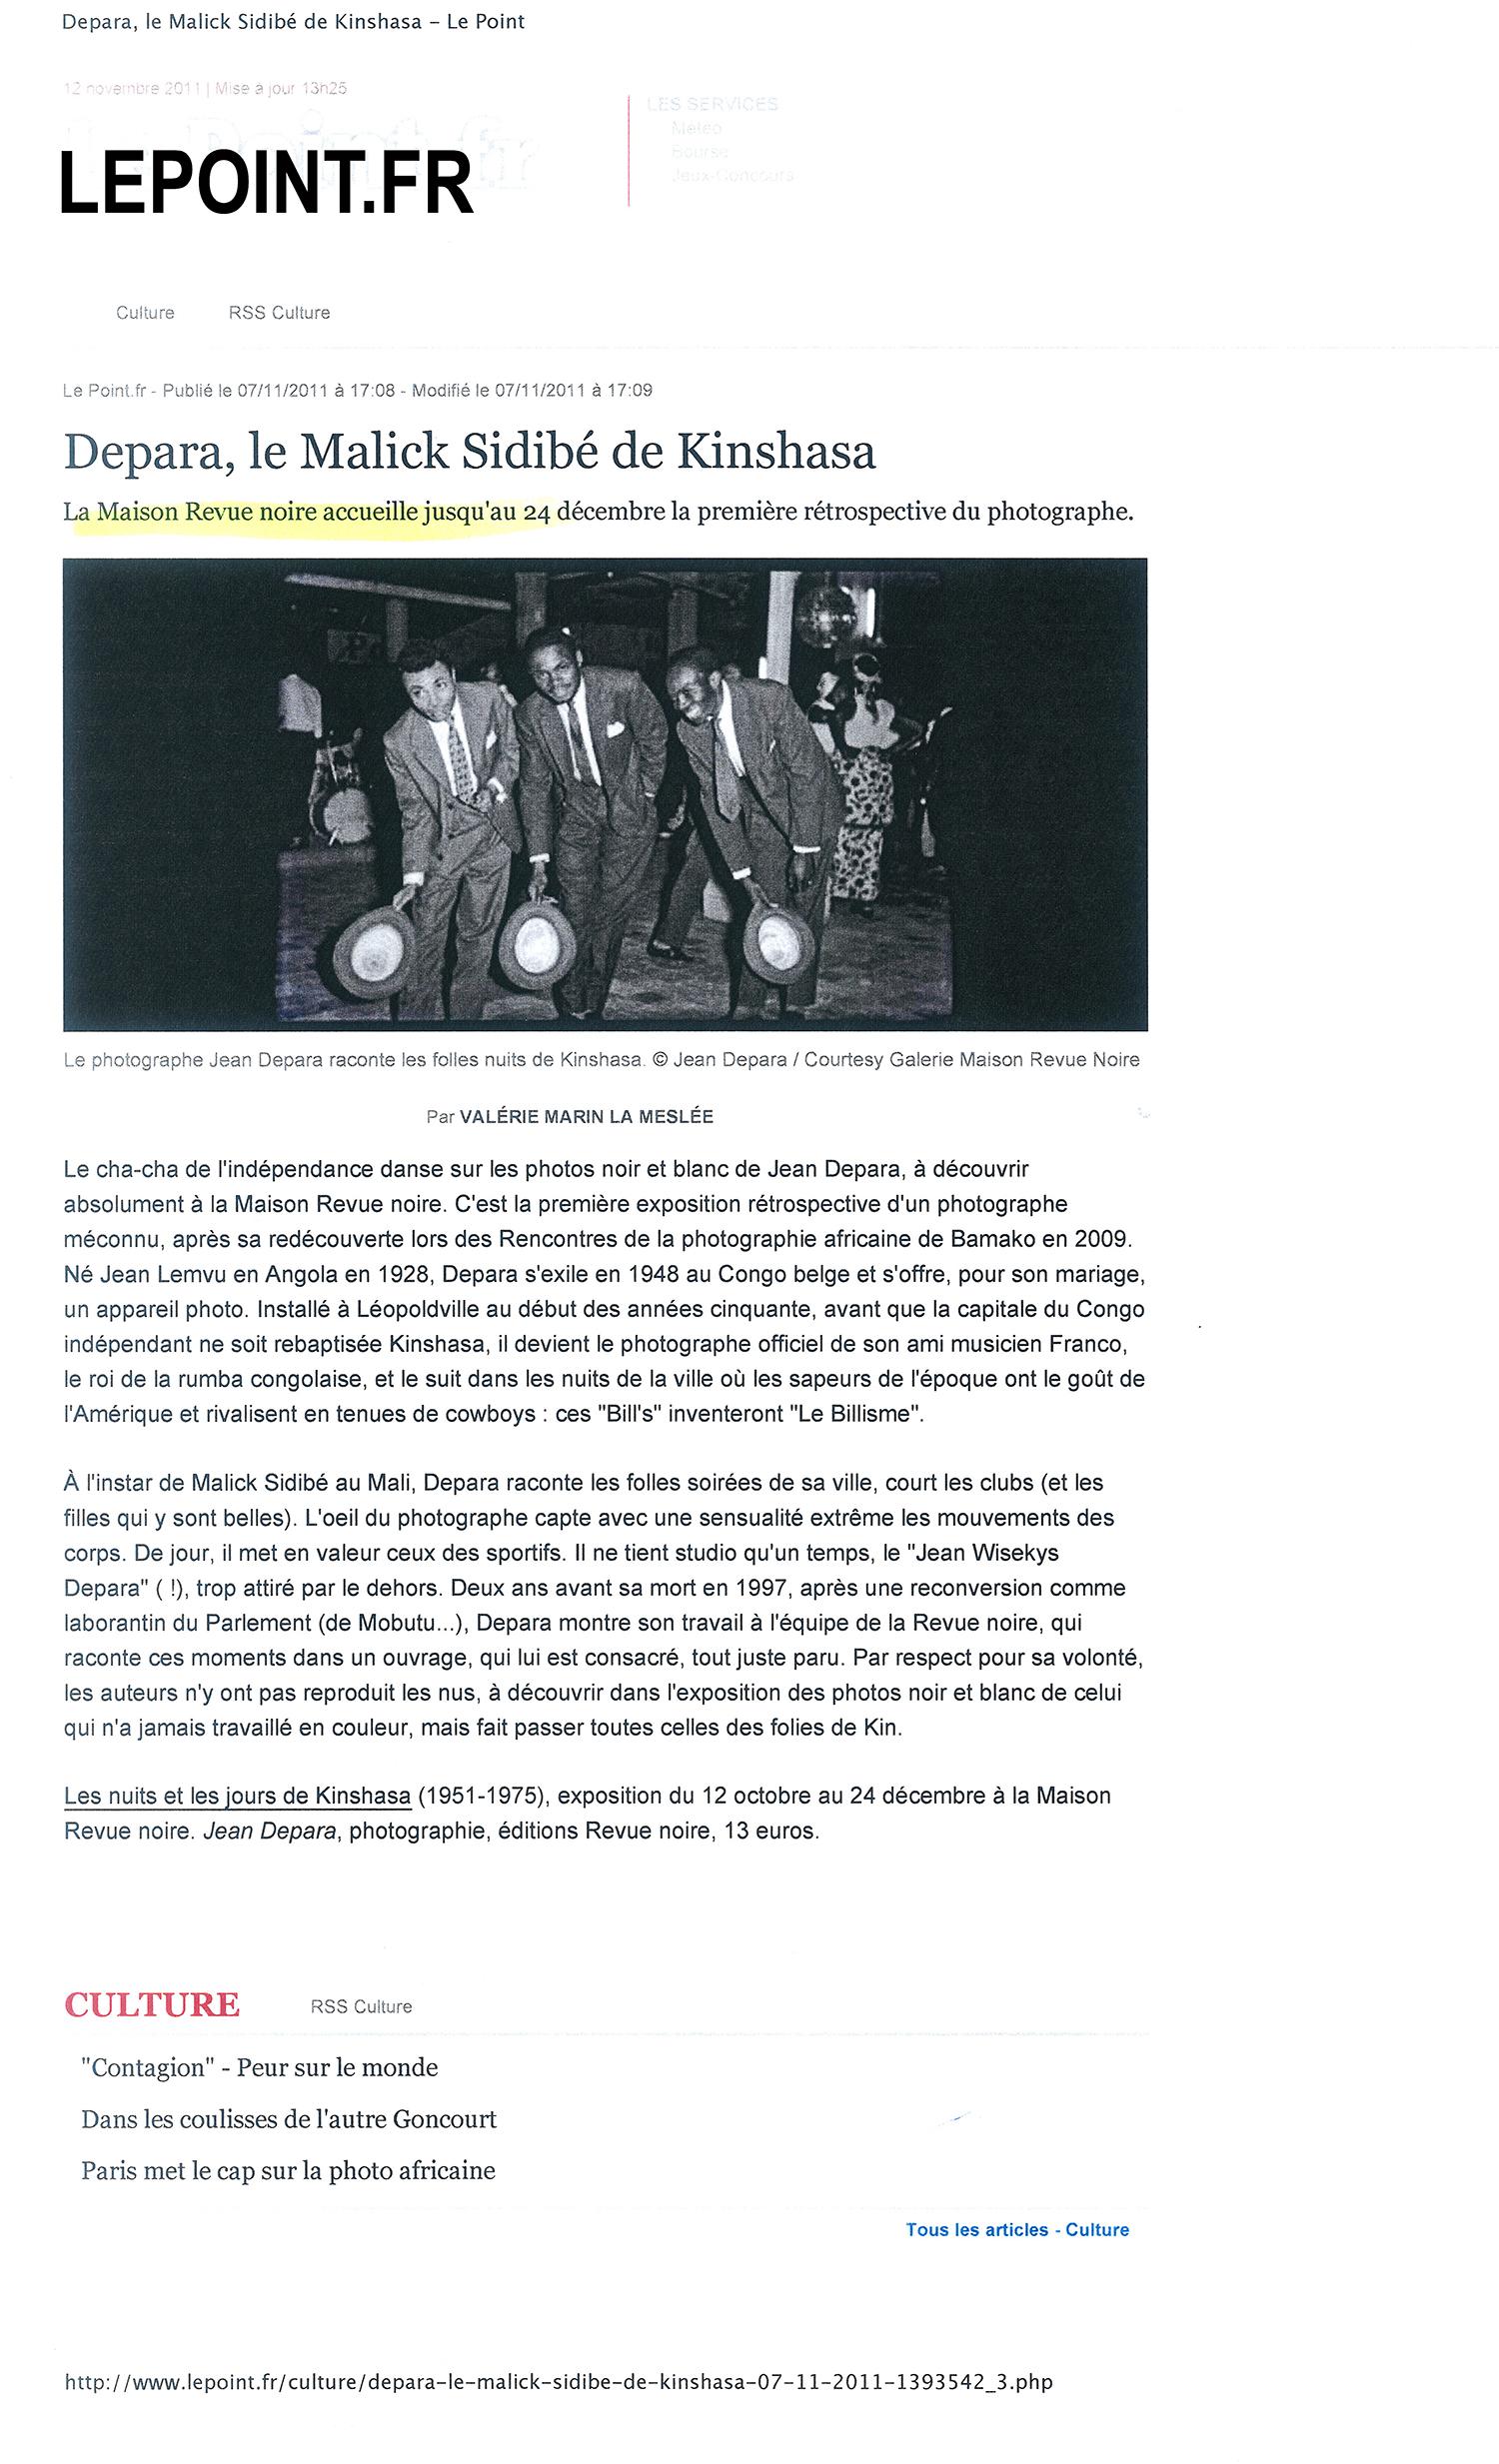 Revue Noire revue de presse Le Point.fr : Depara, le Malick Sidibé de Kinshasa, RDCongo, 1955-1965, livre et expo de Revue Noire